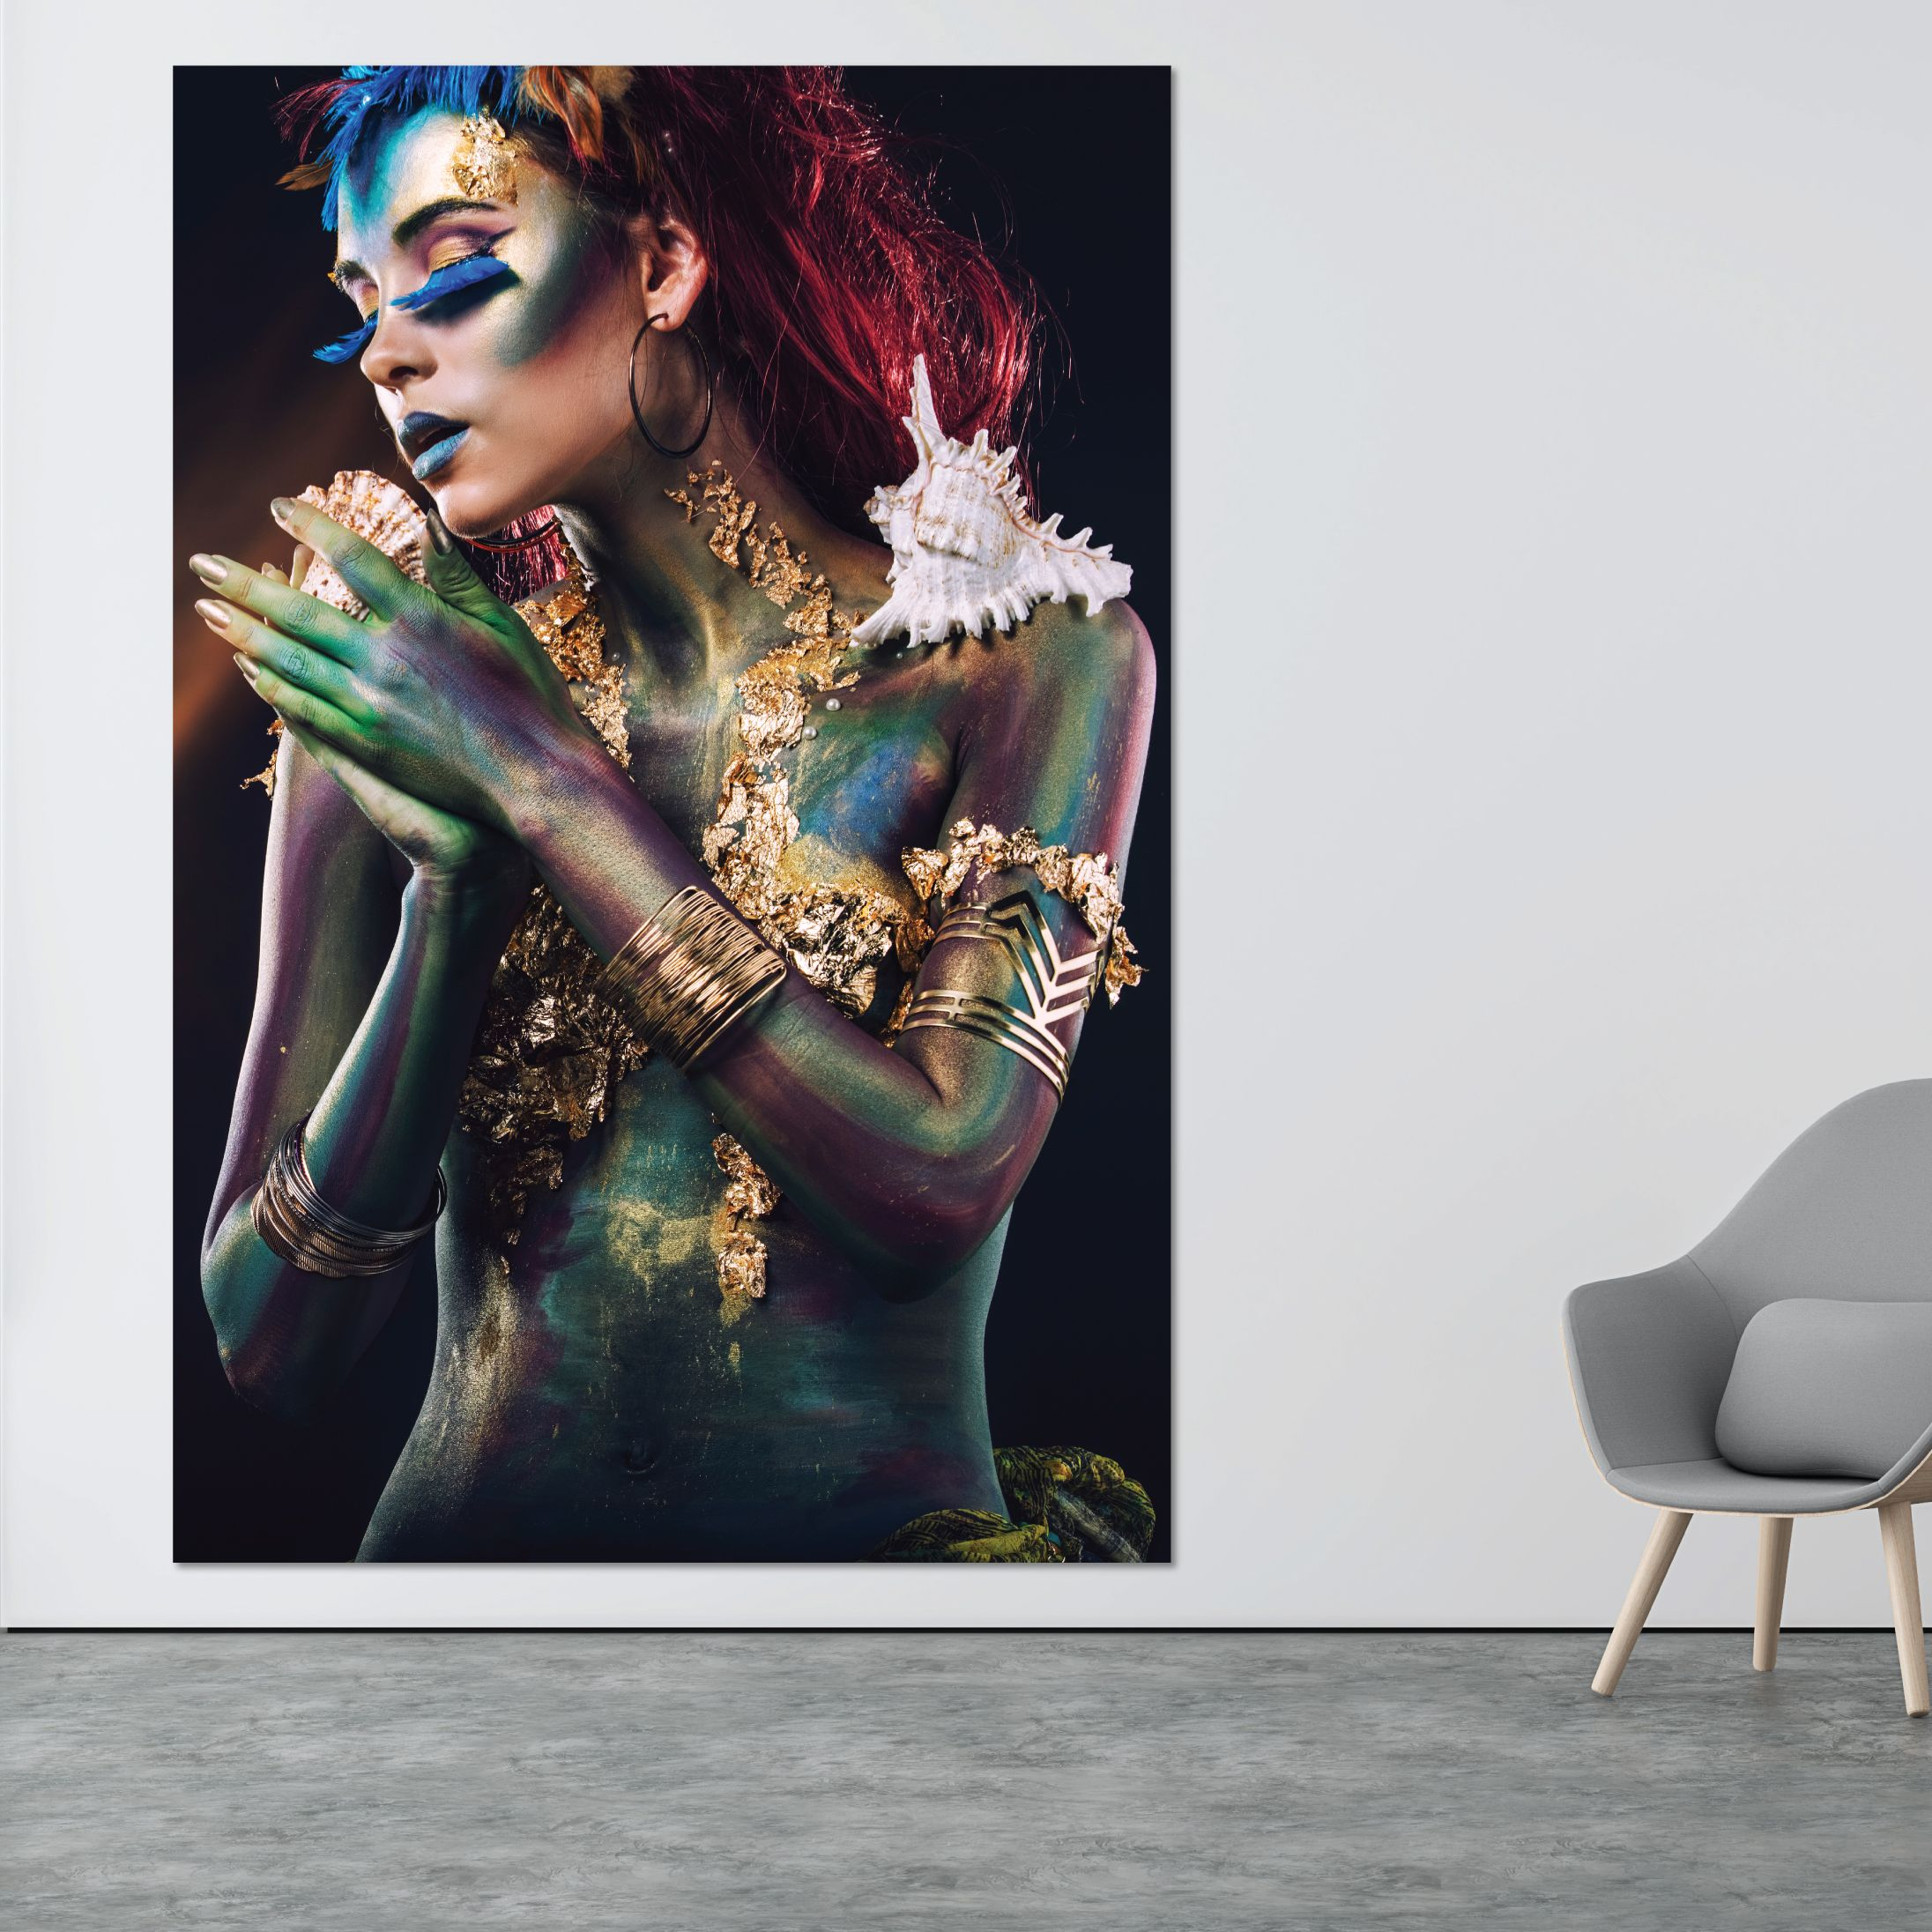 Beautiful Lady Kunst Ideeen Glas Schilderij Uitleg Over Digitale Kunst